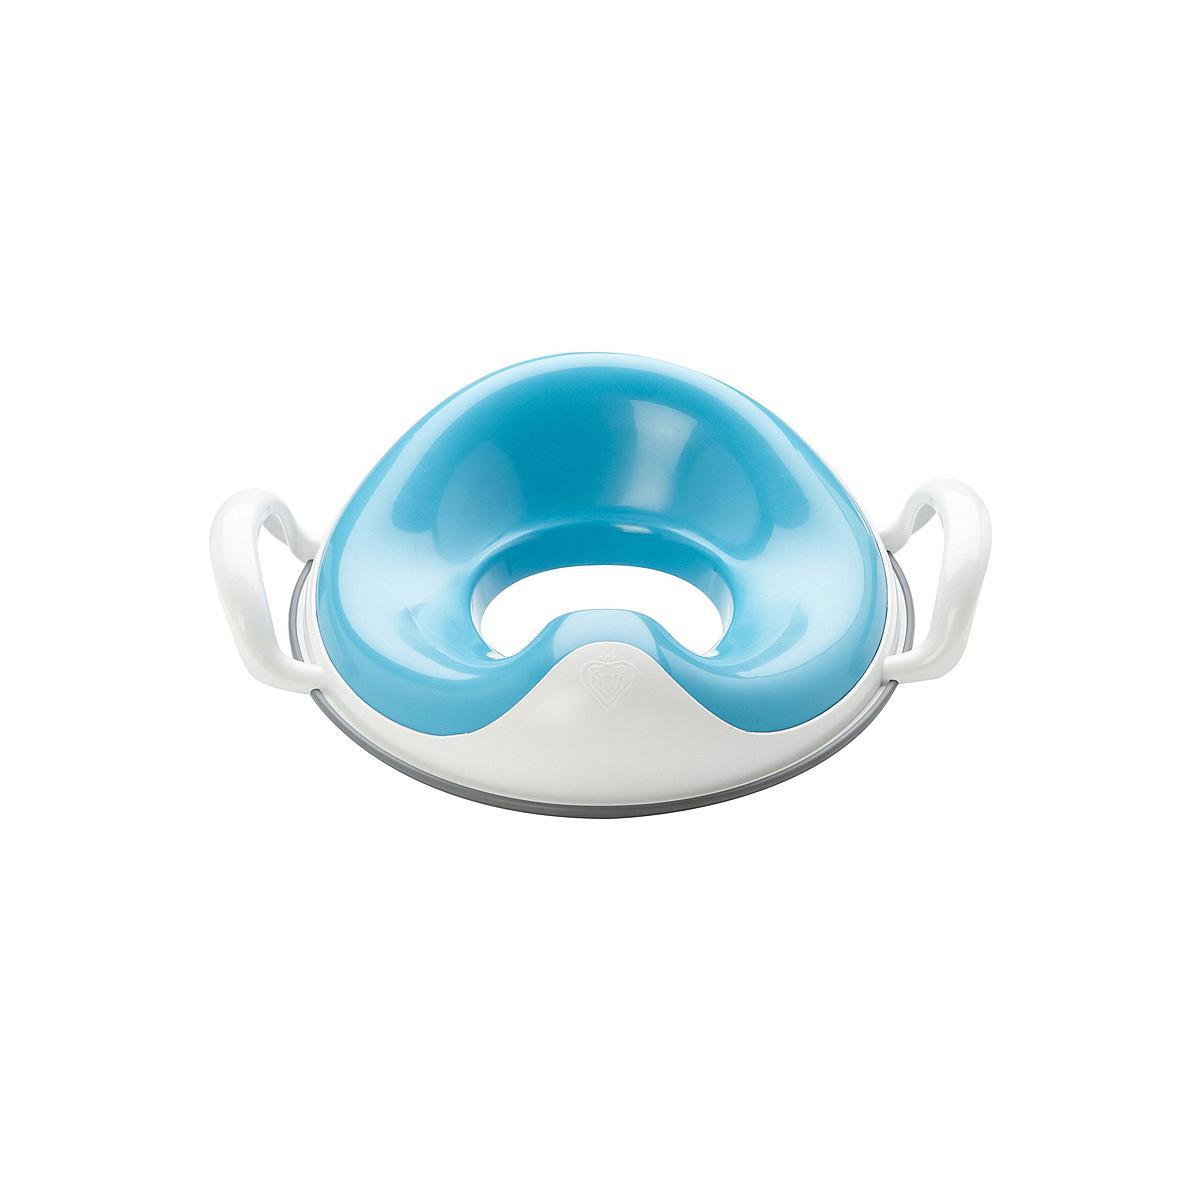 Réducteur toilette enfant - poignées WEEPOD Prince Lion Heart bleu